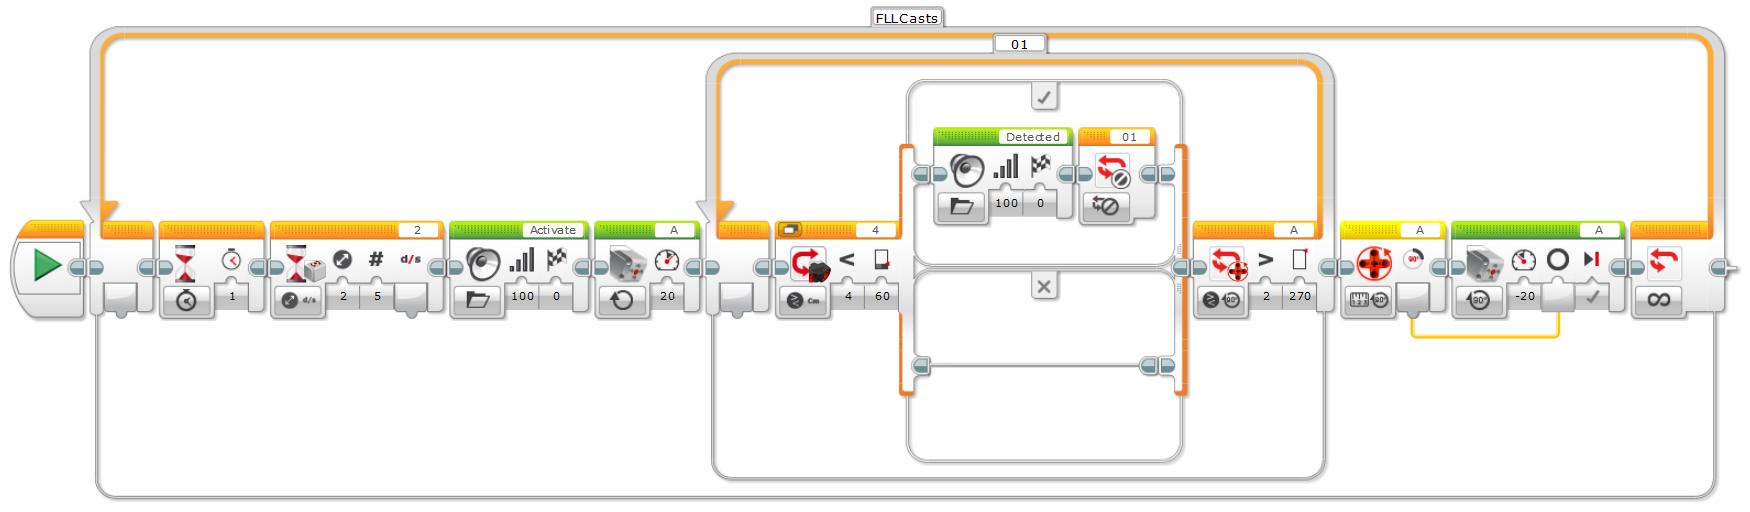 Fllcasts-LEGO-Ev3G-Software-final-task